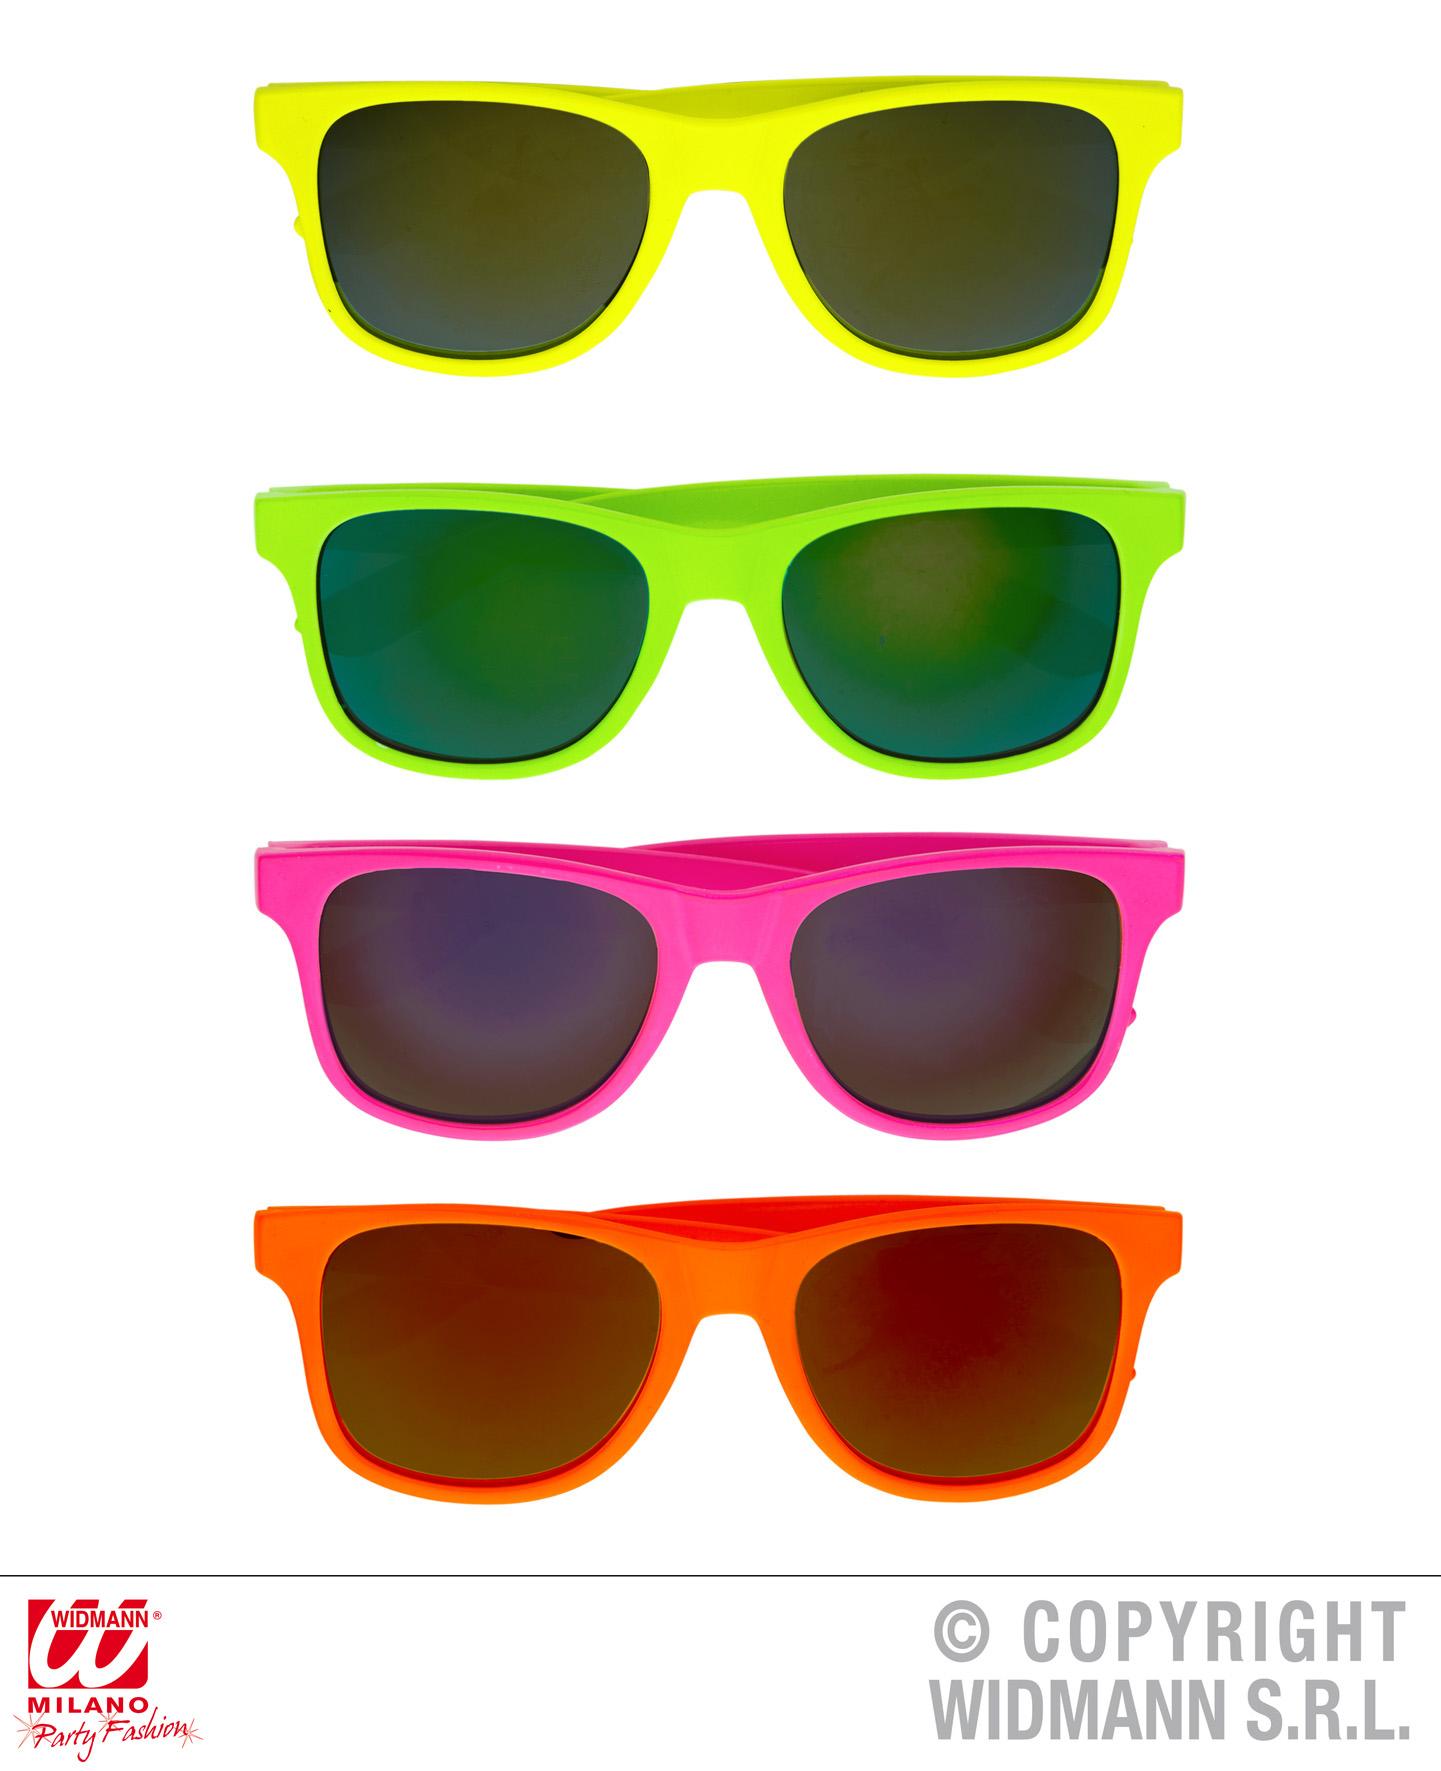 Neon Brille, Wayfarer verspiegelt, 80er Jahre pink,gelb,grün,orange  333